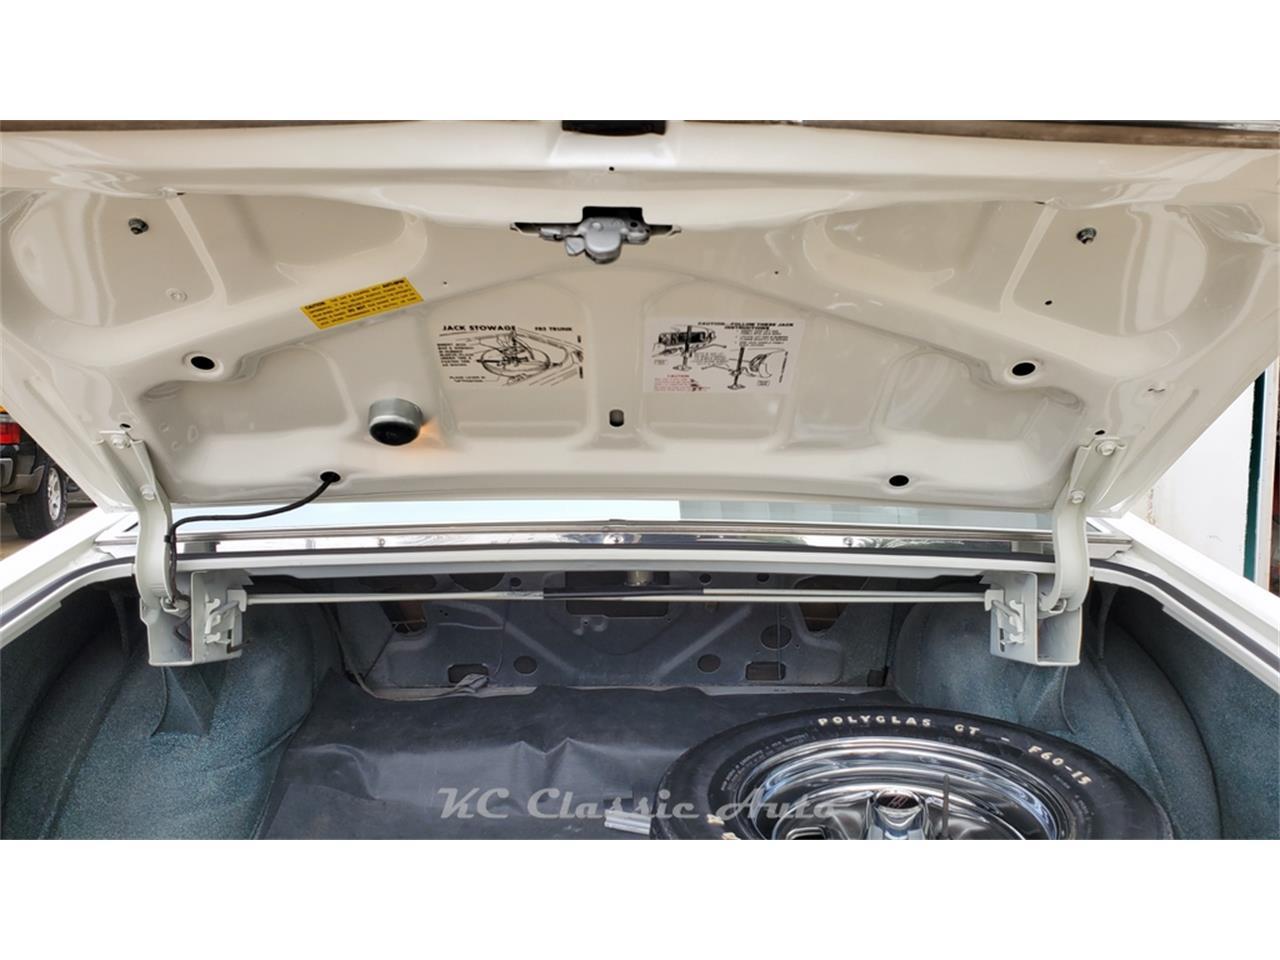 1969 Oldsmobile Hurst (CC-1391164) for sale in Lenexa, Kansas